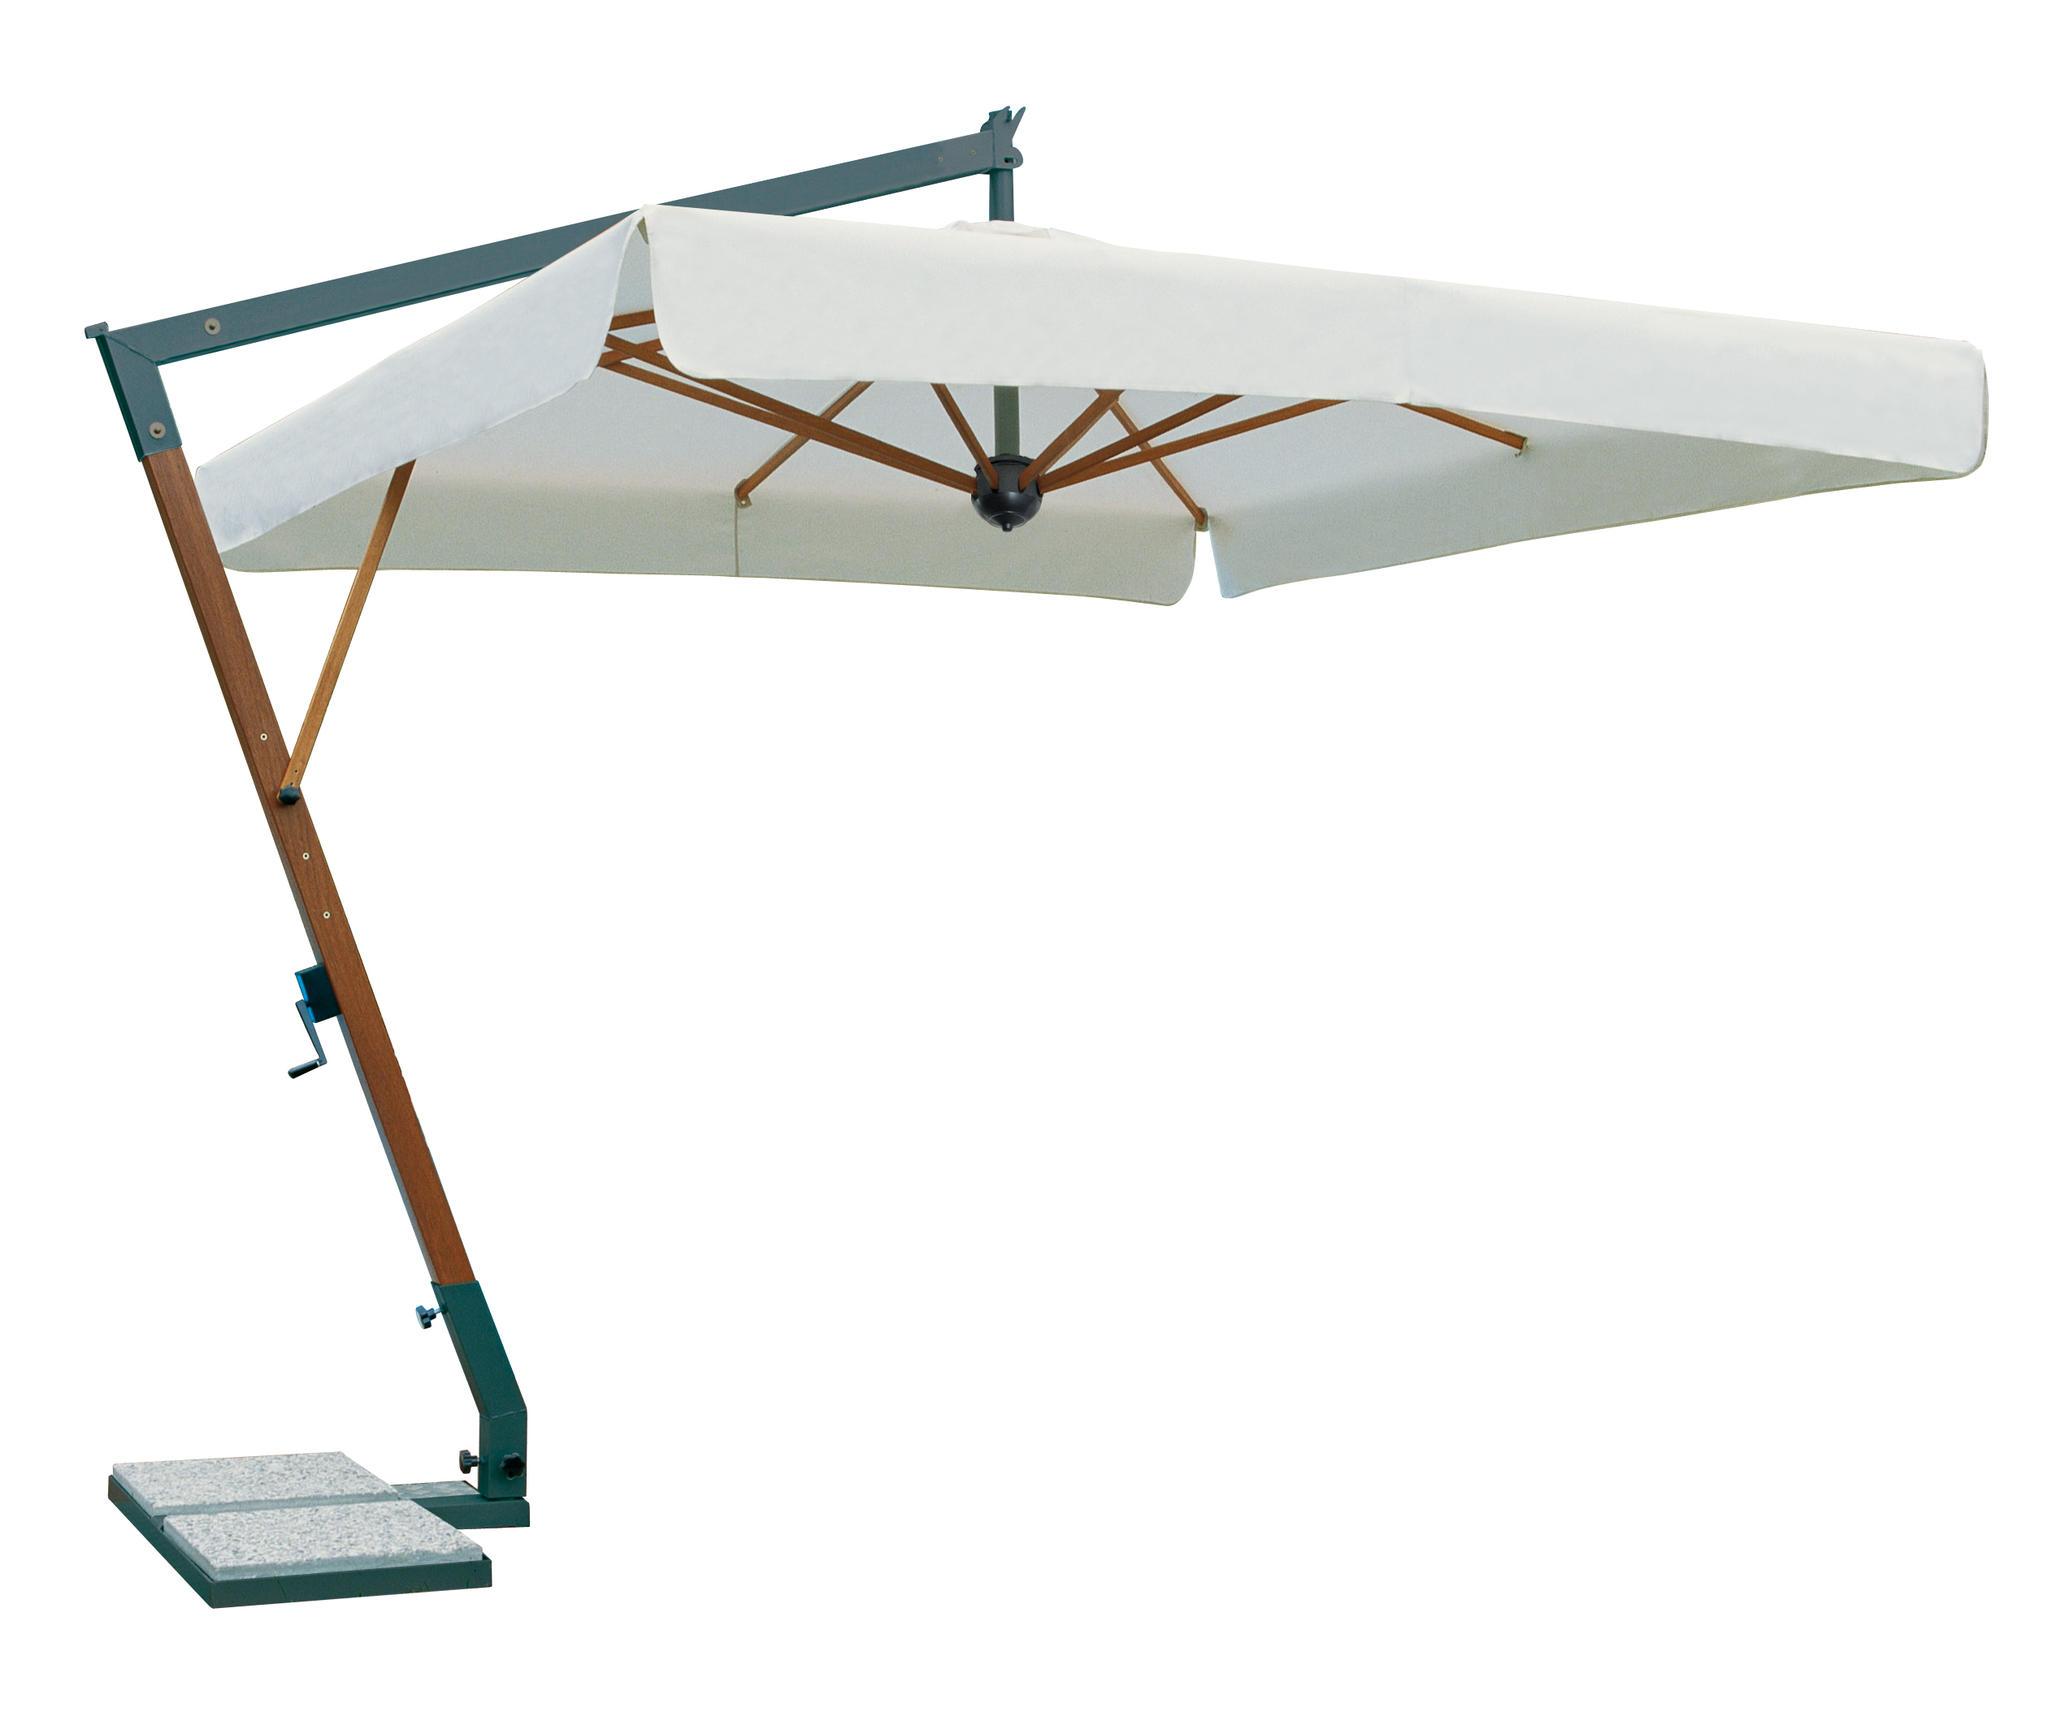 Каркас для зонтика - каркас для зонта где купить - Конференции 7я.ру 49